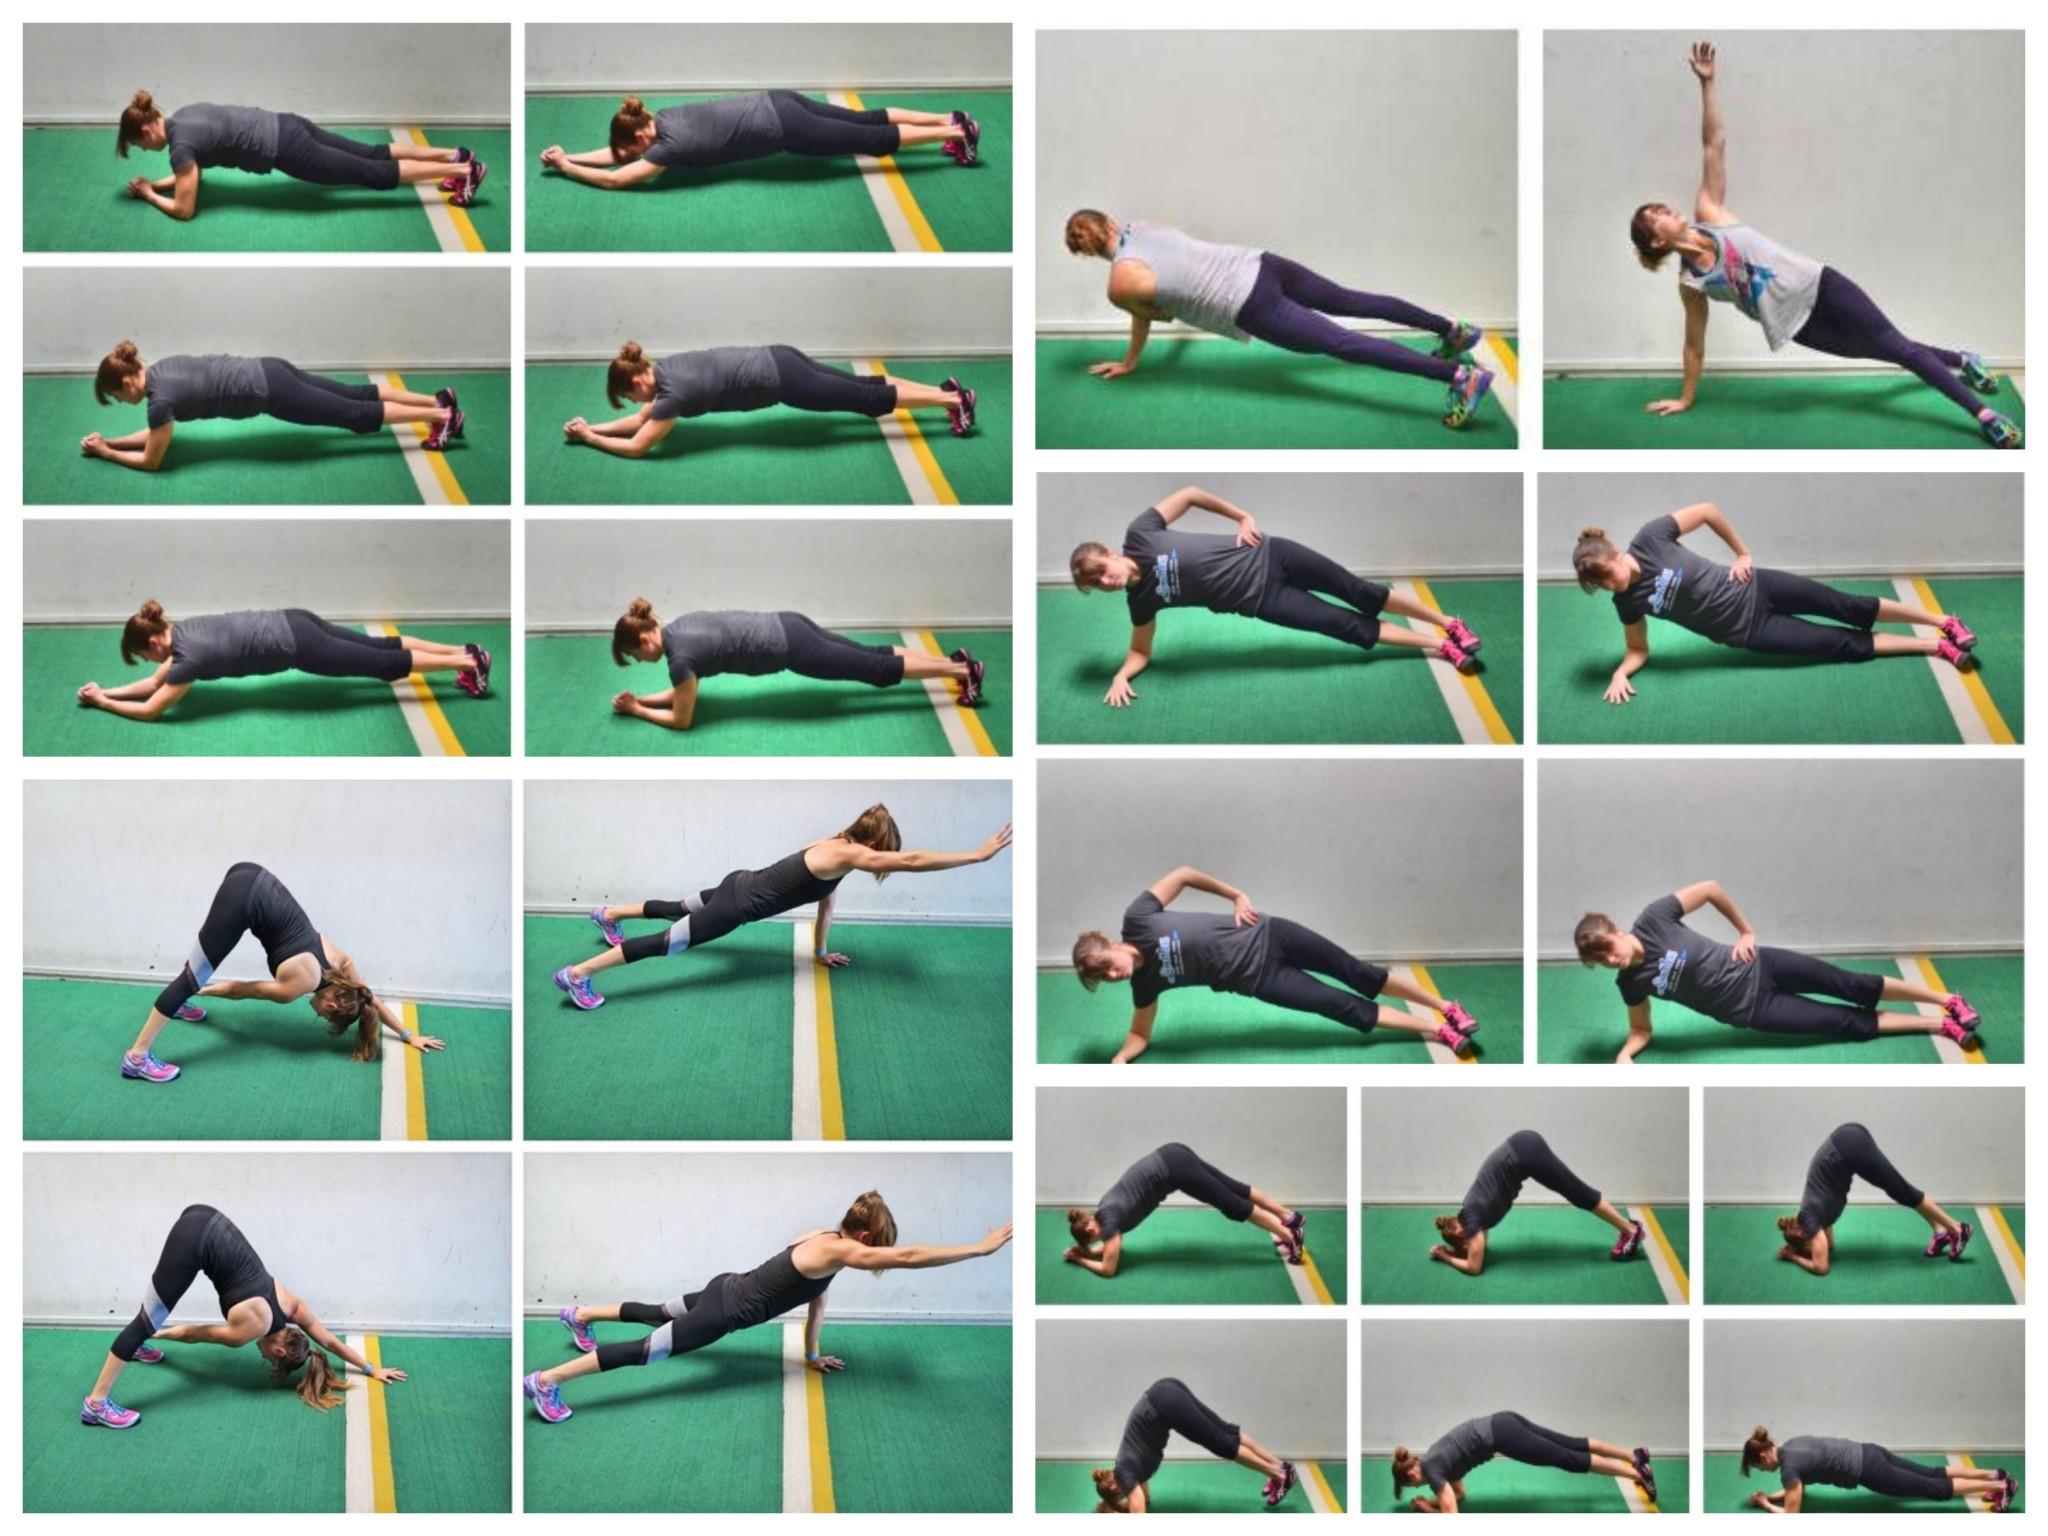 Комплекс упражнений планка для похудения видео